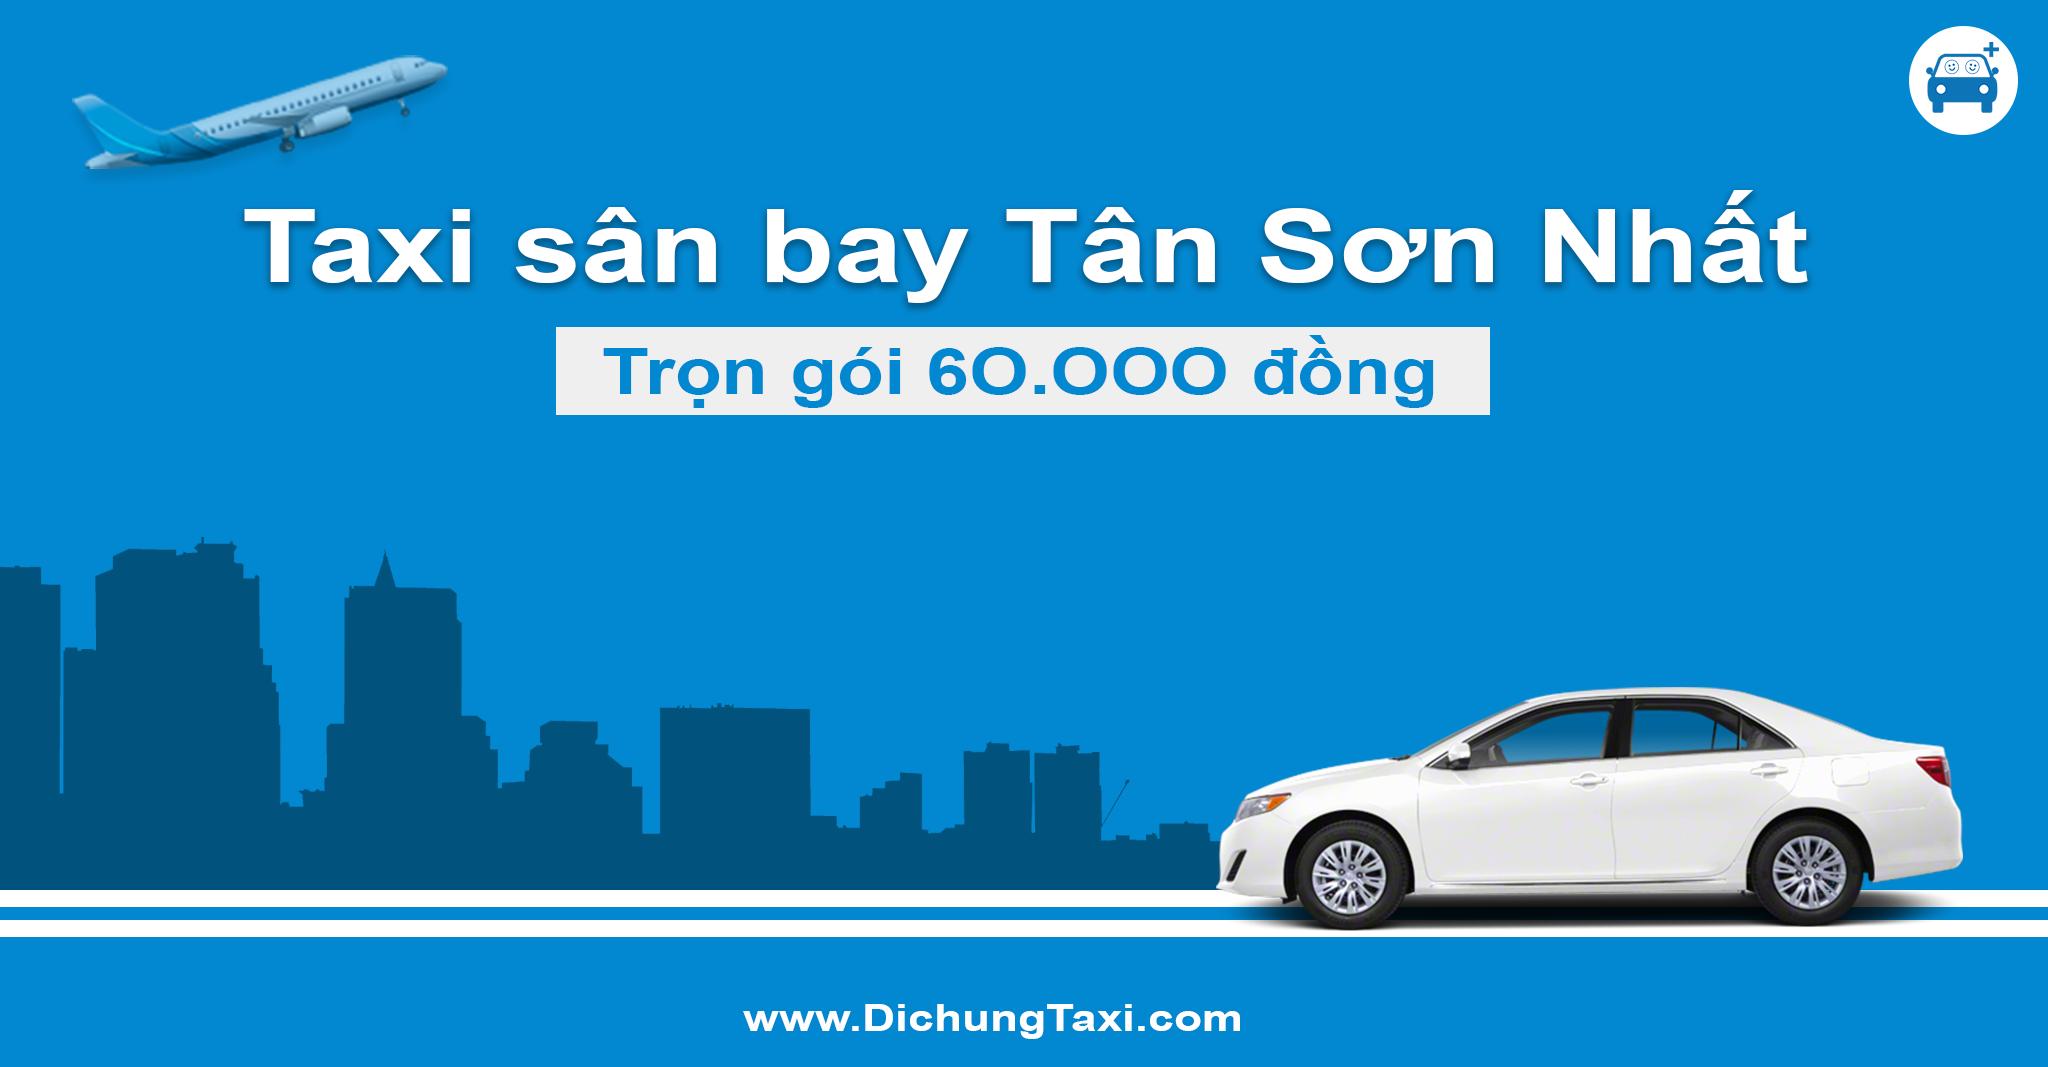 Taxi sân bay Tân Sơn Nhất giá rẻ